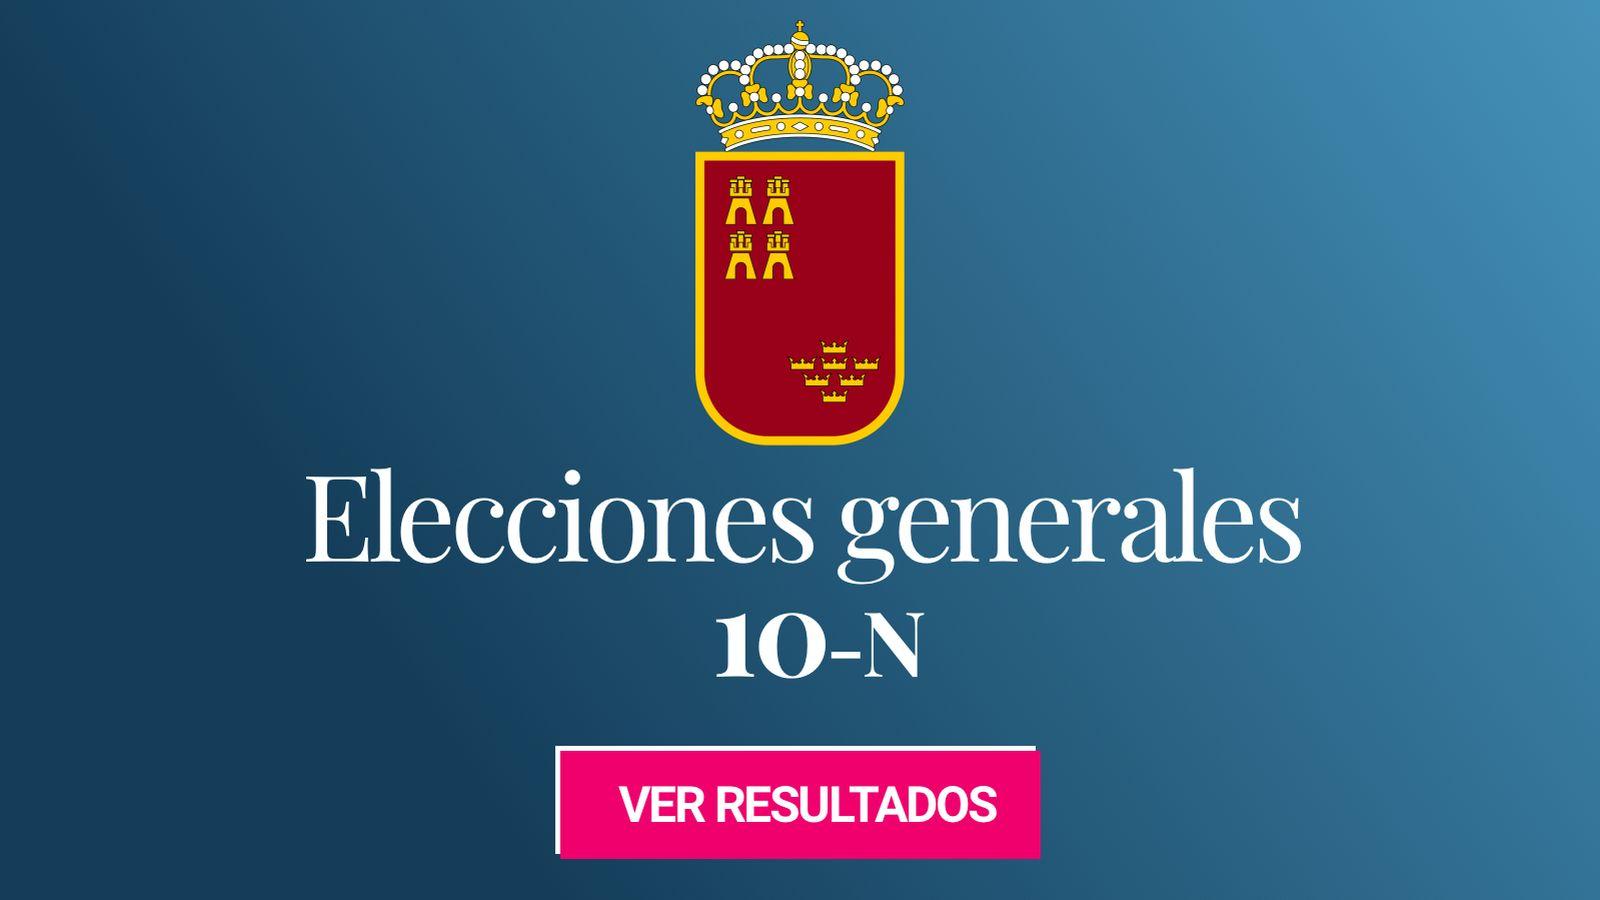 Foto: Elecciones generales 2019 en la provincia de Murcia. (C.C./Pedro A. Gracia Fajardo)